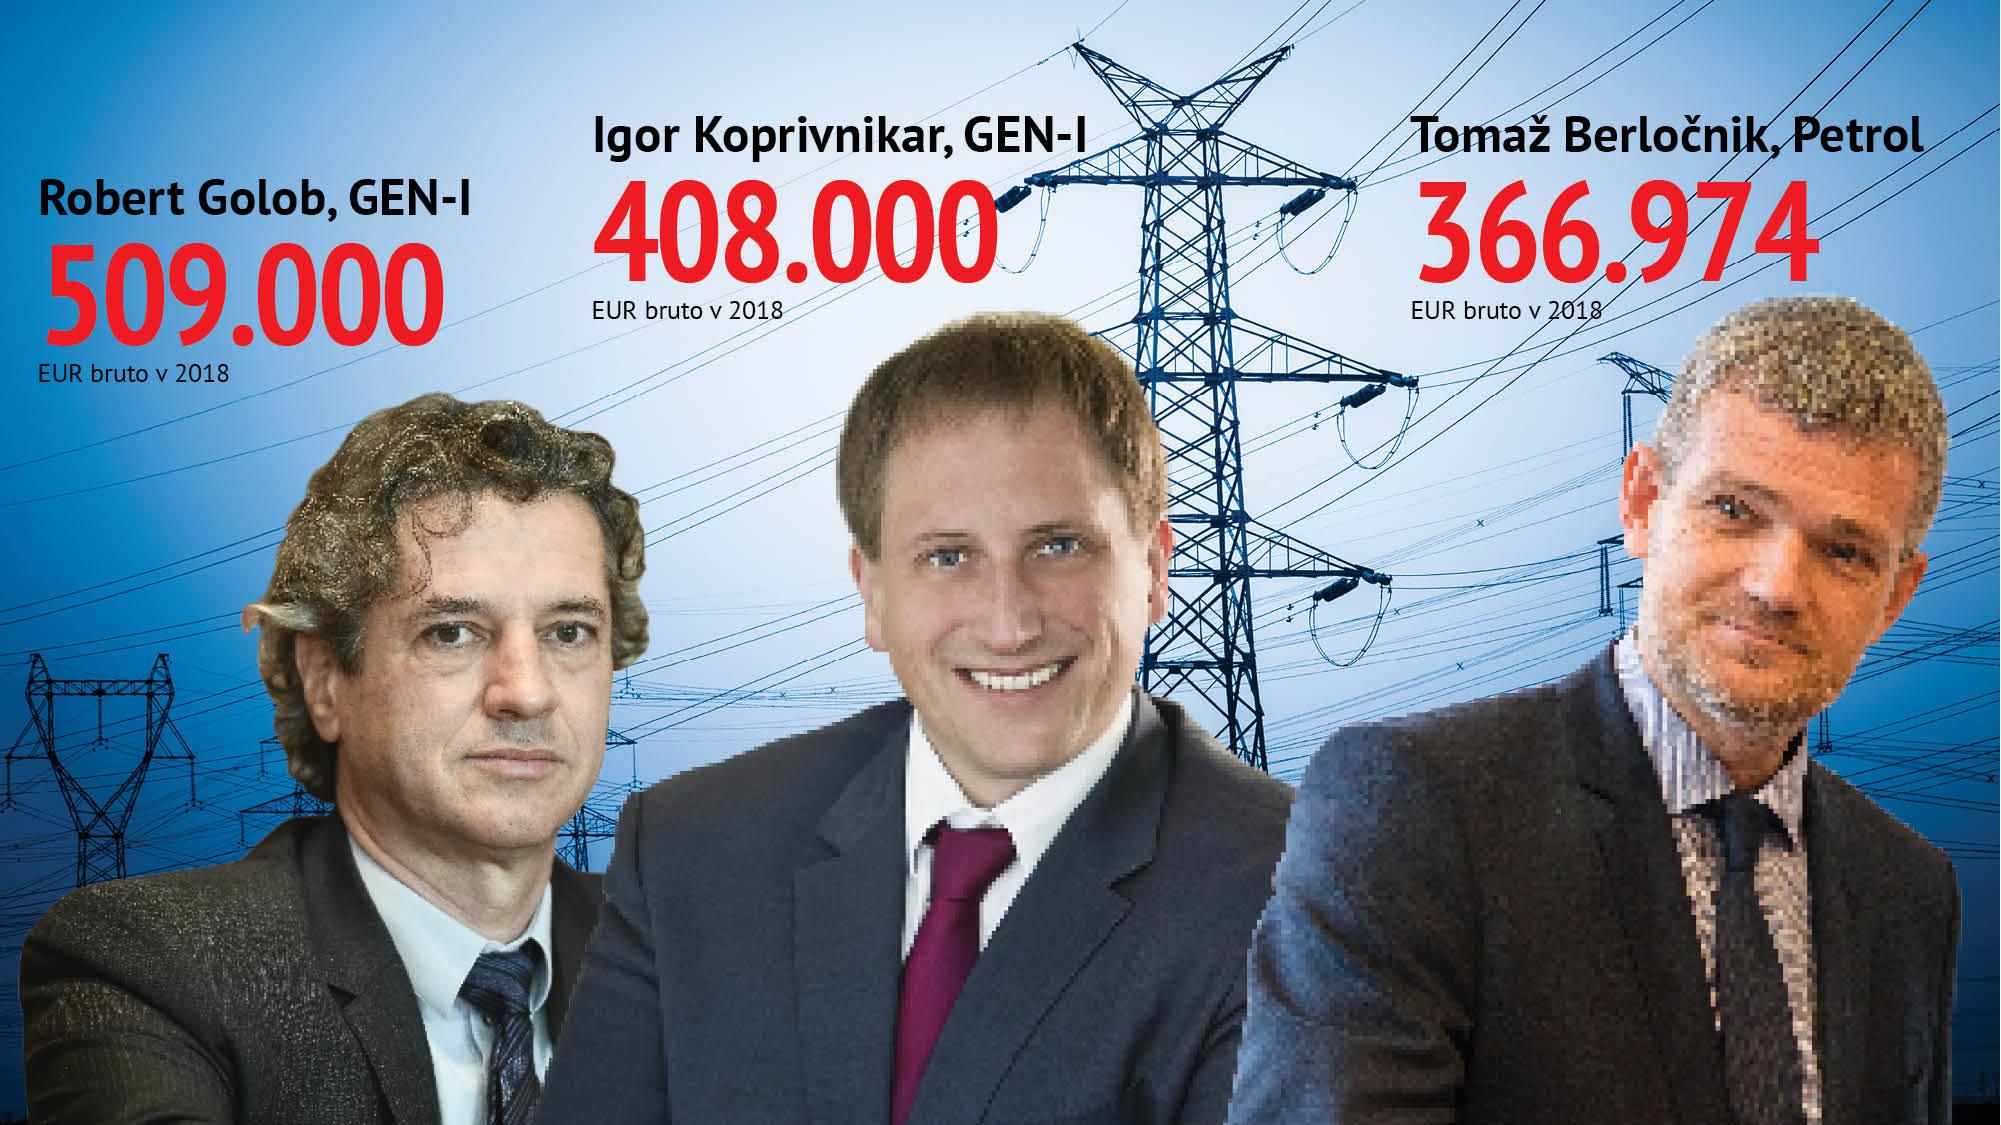 Lestvica: To so najbolje plačani slovenski šefi v energetiki